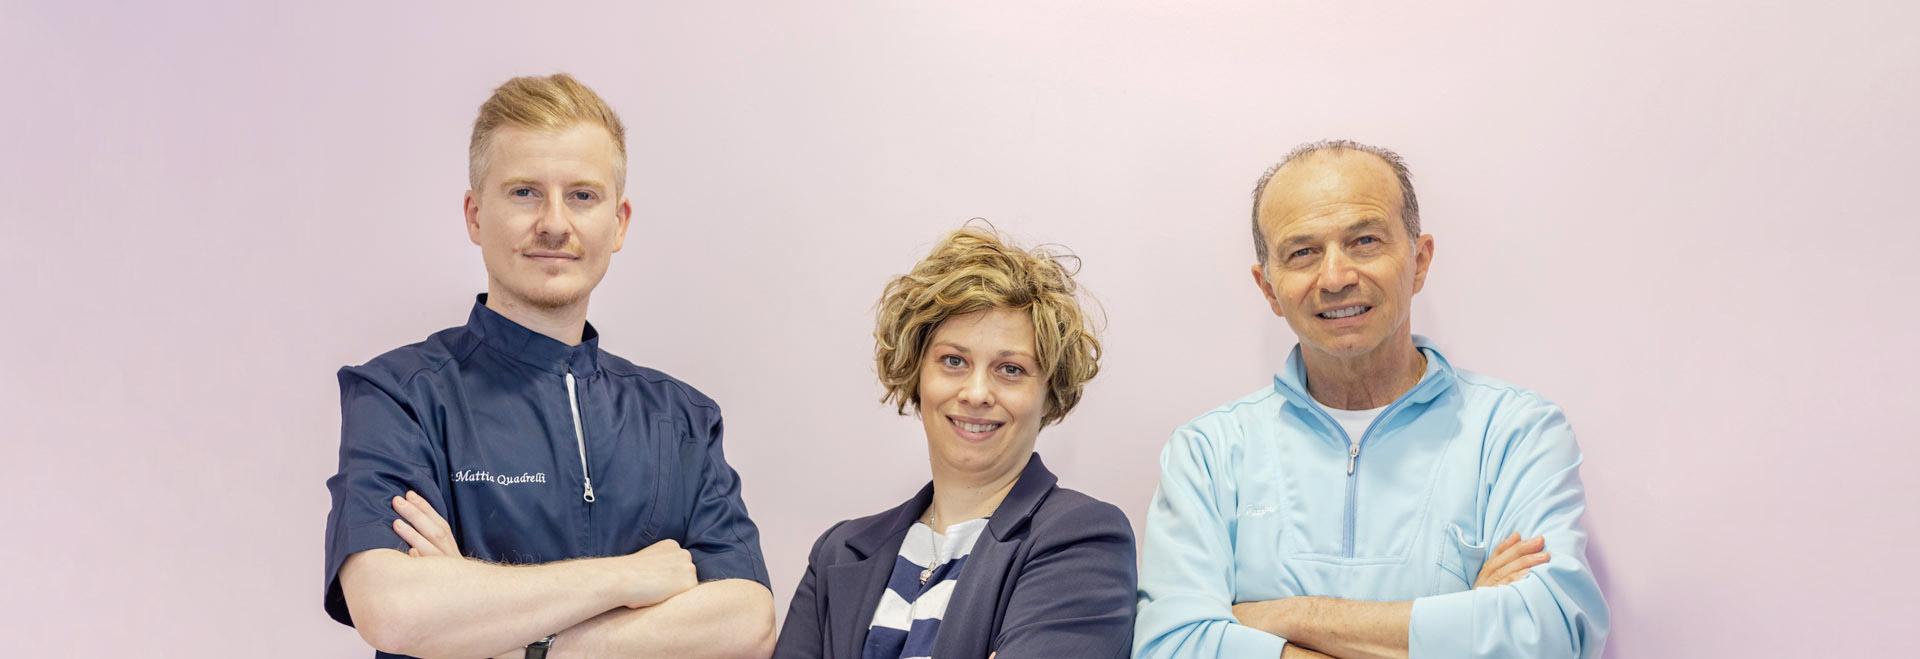 Chi siamo | Dentista a Lugo | Studio Bordini Quadrelli